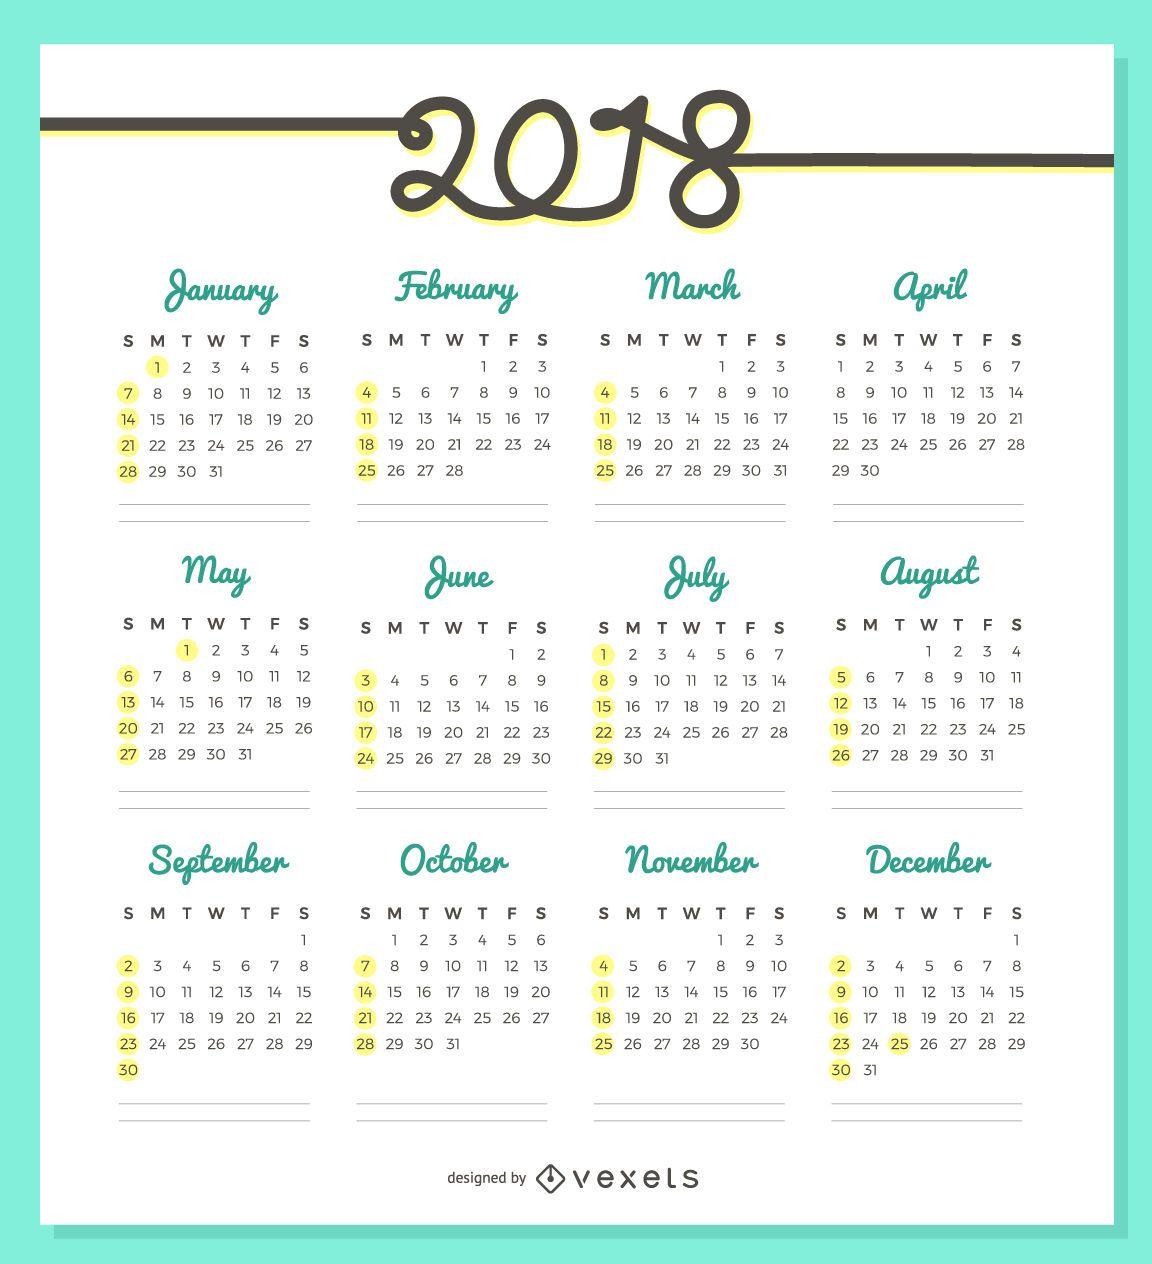 Delicado design do calend rio 2018 baixar vector for Calendario de pared 2018